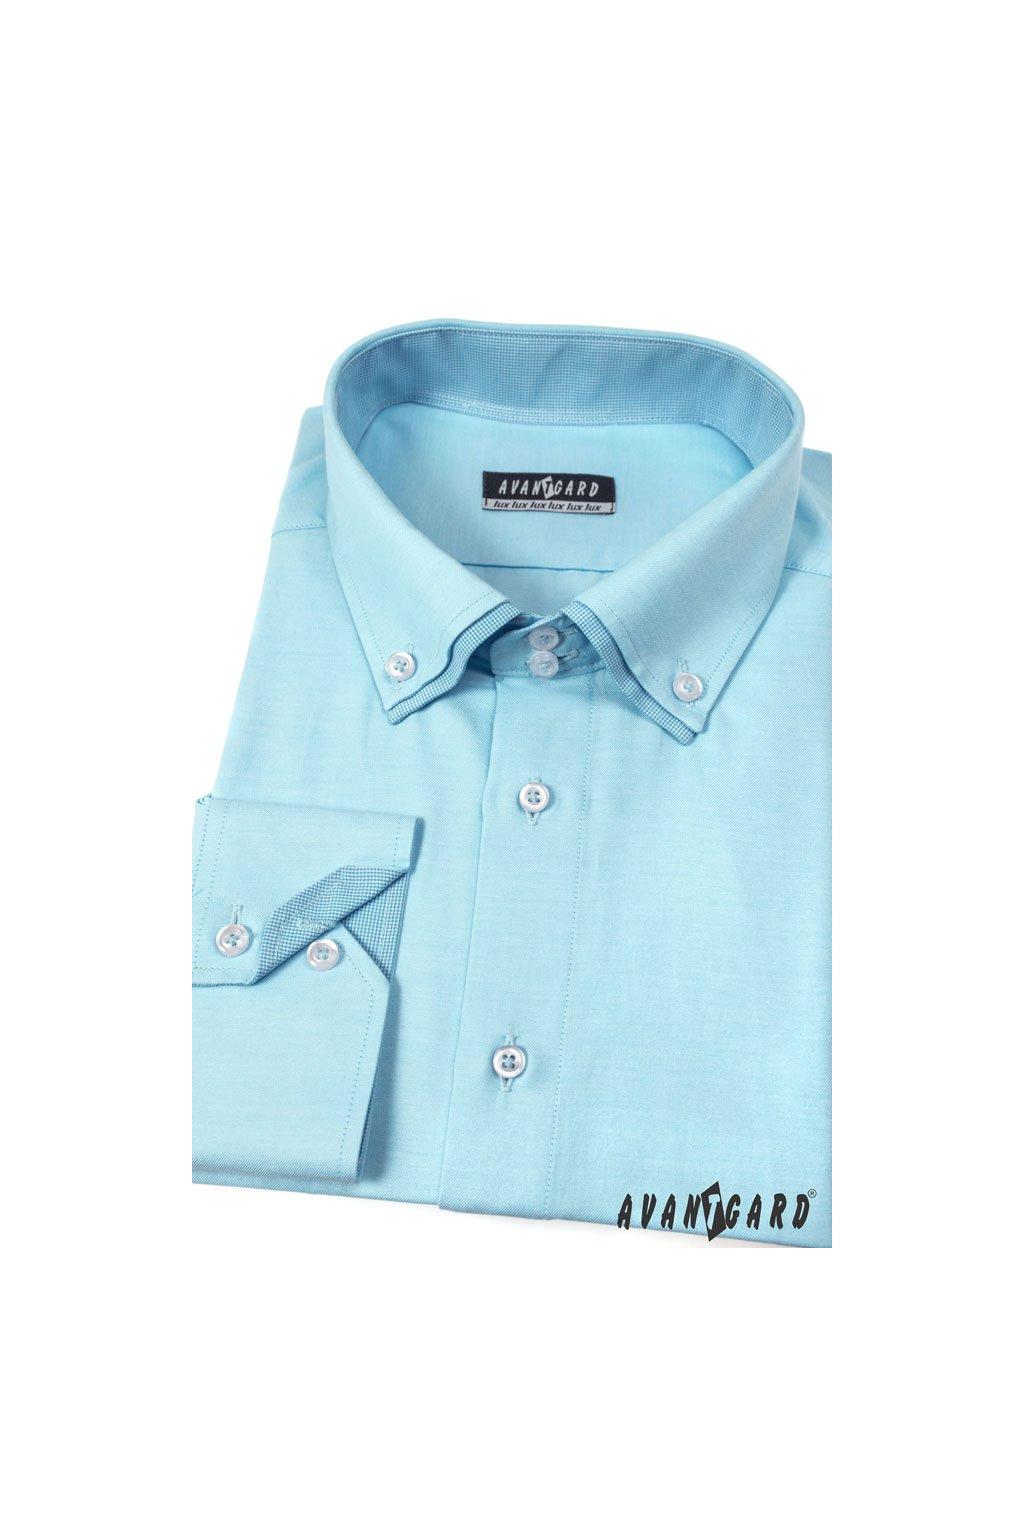 Pánská košile LUX tyrkysová 526 - 2502